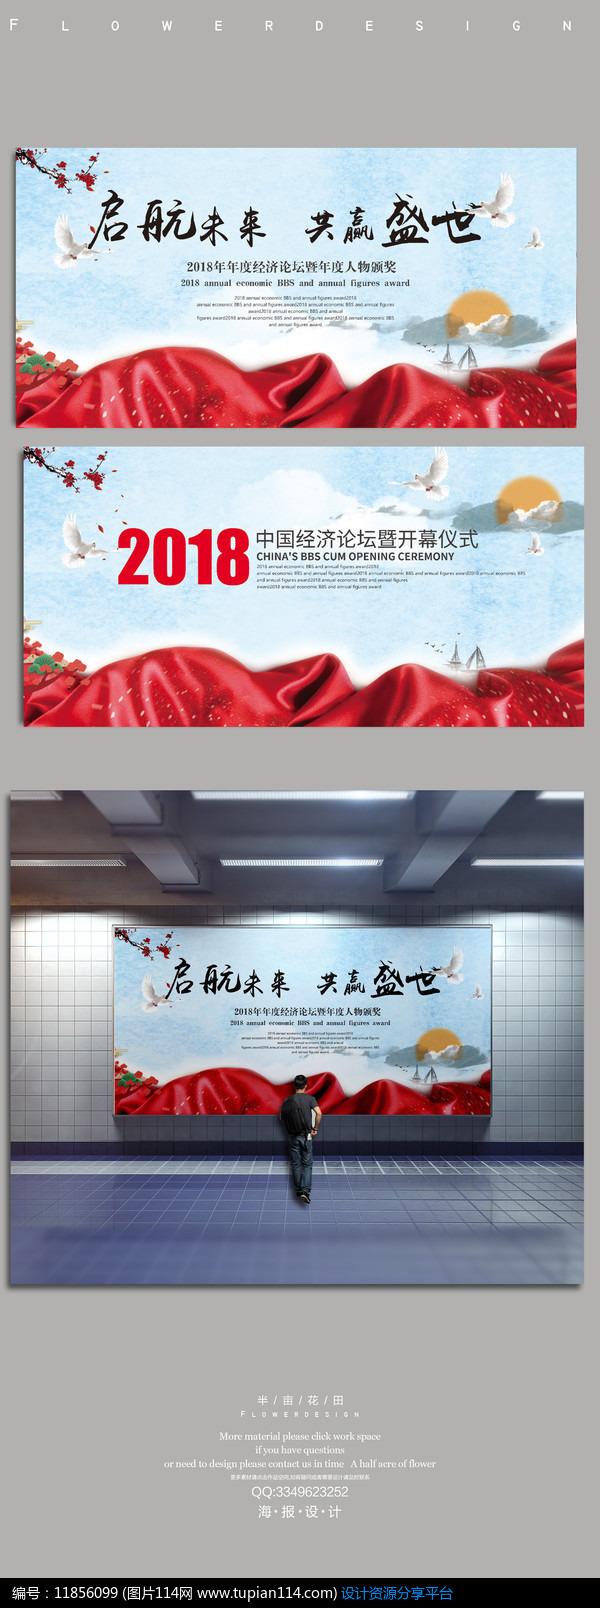 2018会议背景板设计